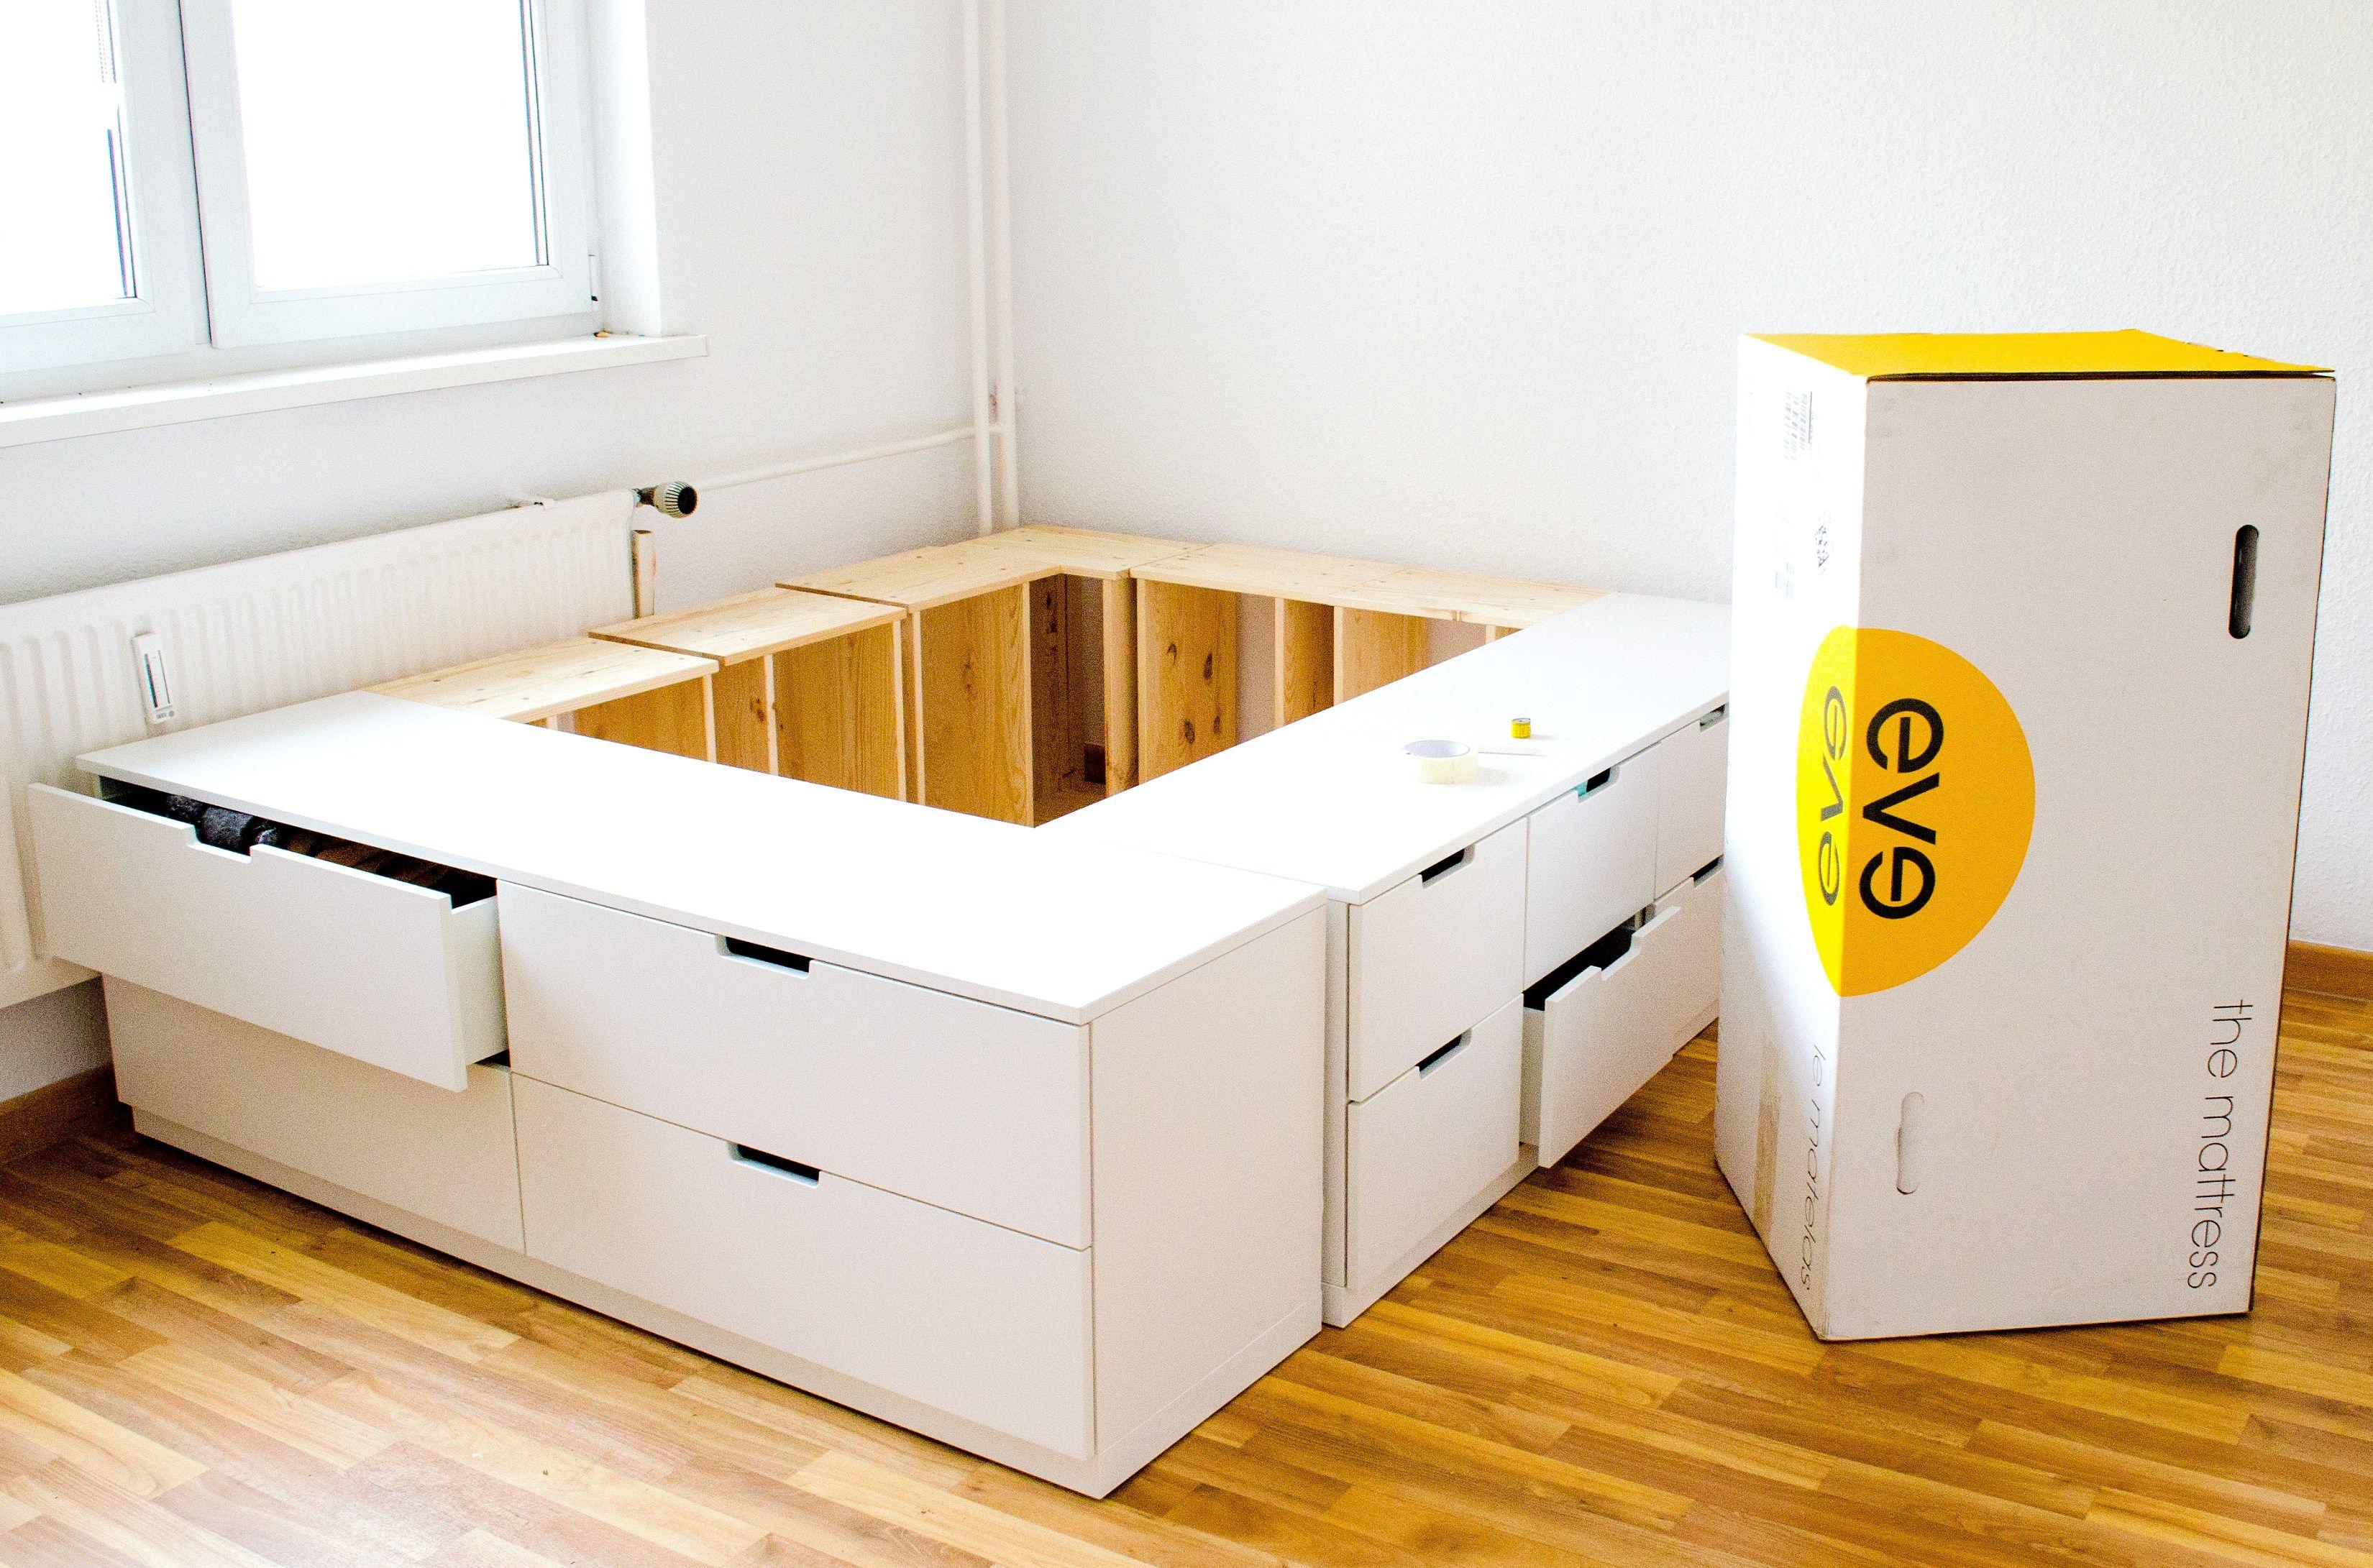 Perfect DIY IKEA Hack U2013 Bett Selber Bauen U203a Anleitungen, Do It Yourself U203a  Anleitung, Bett Bauen, DIY, IKEA Hack